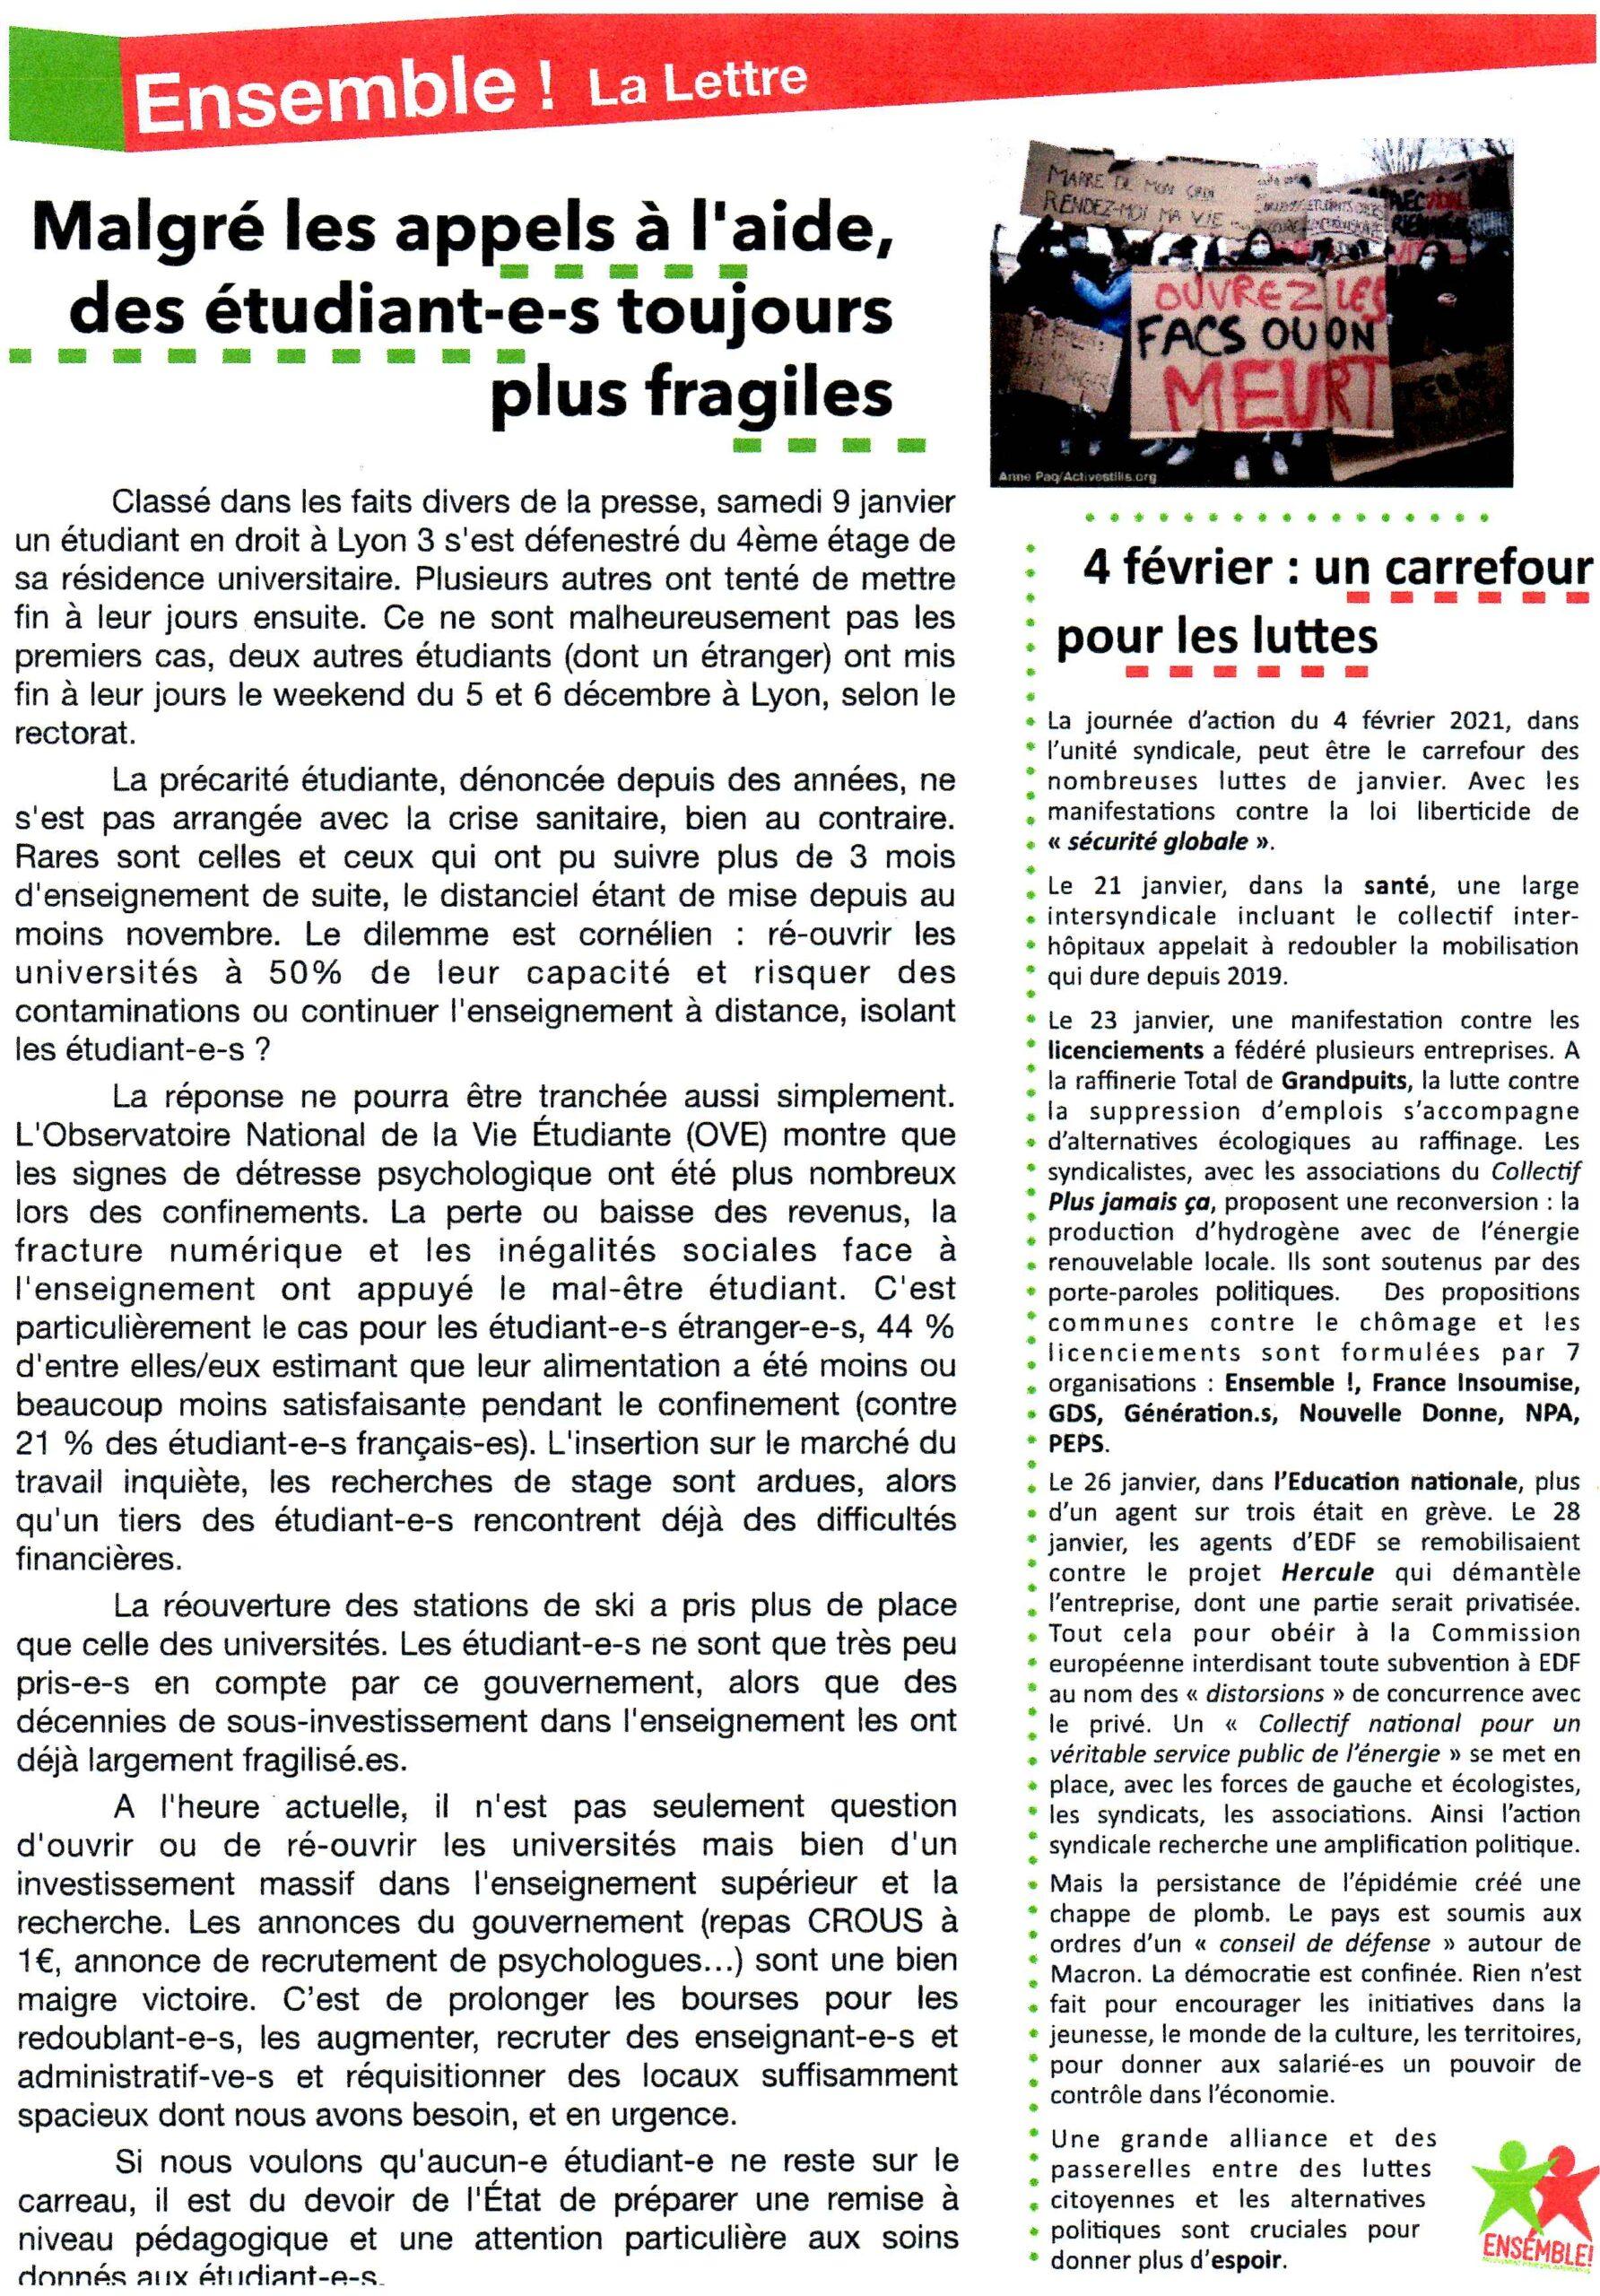 La Lettre d'Ensemble 2021-02-03 Verso